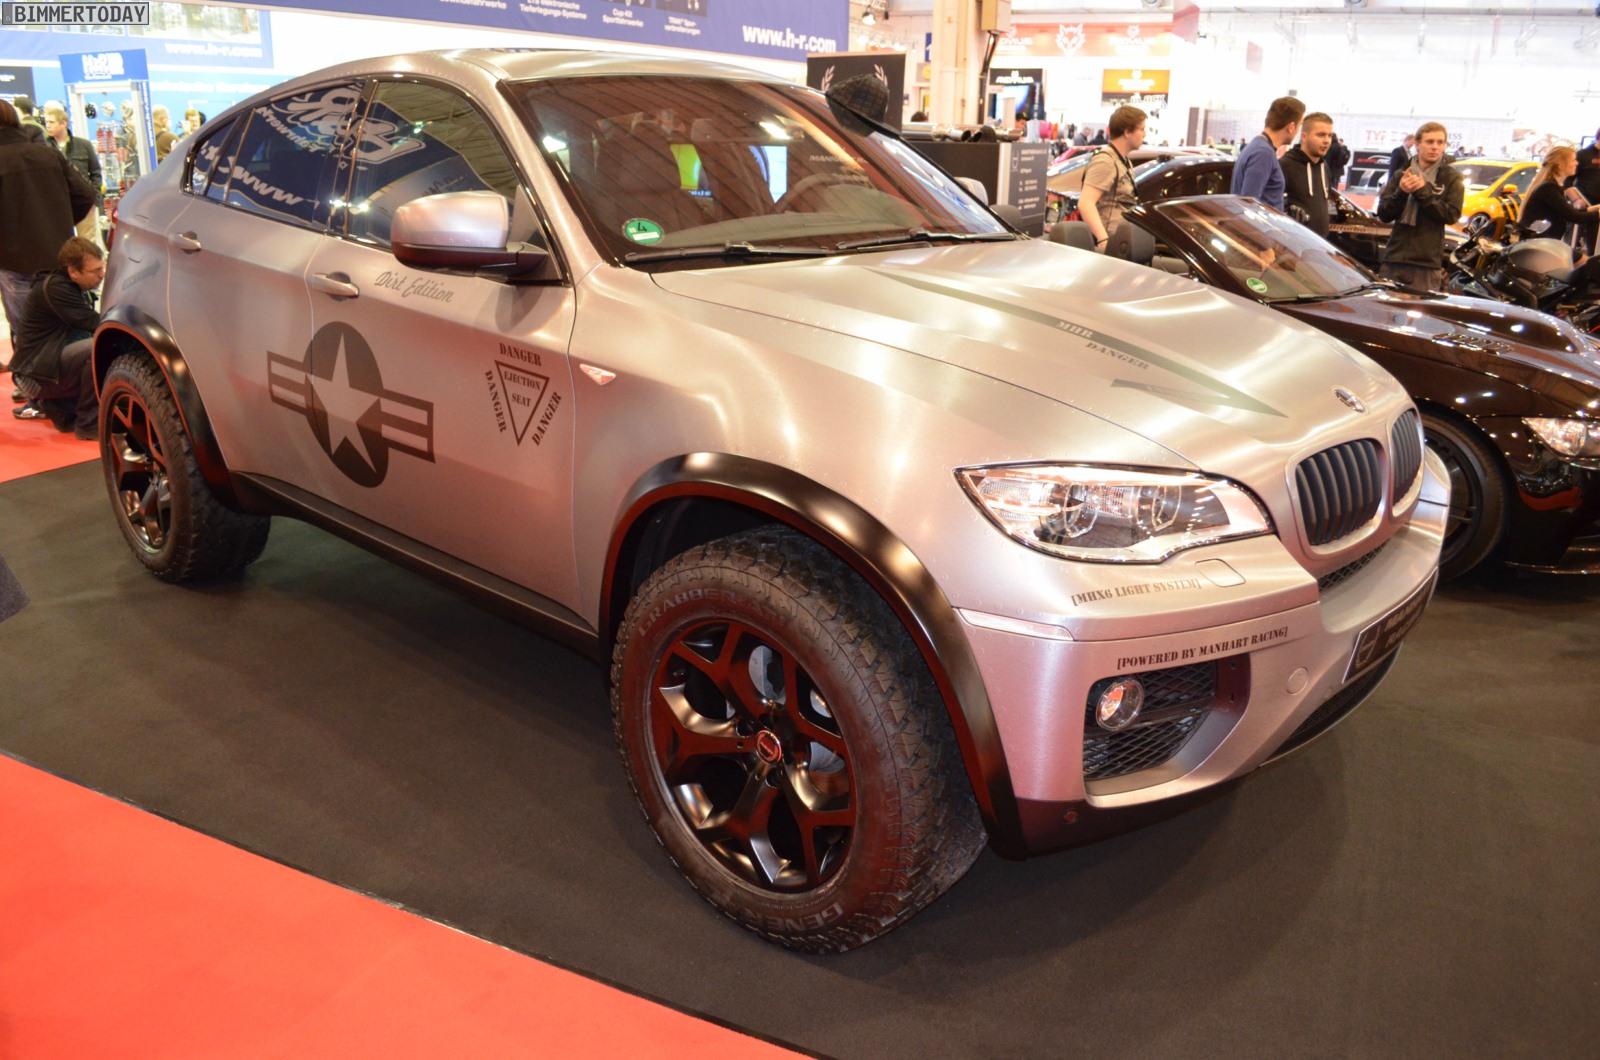 E71 Bmw X6m Dirt Edition By Manhart Racing Bmw Car Tuning